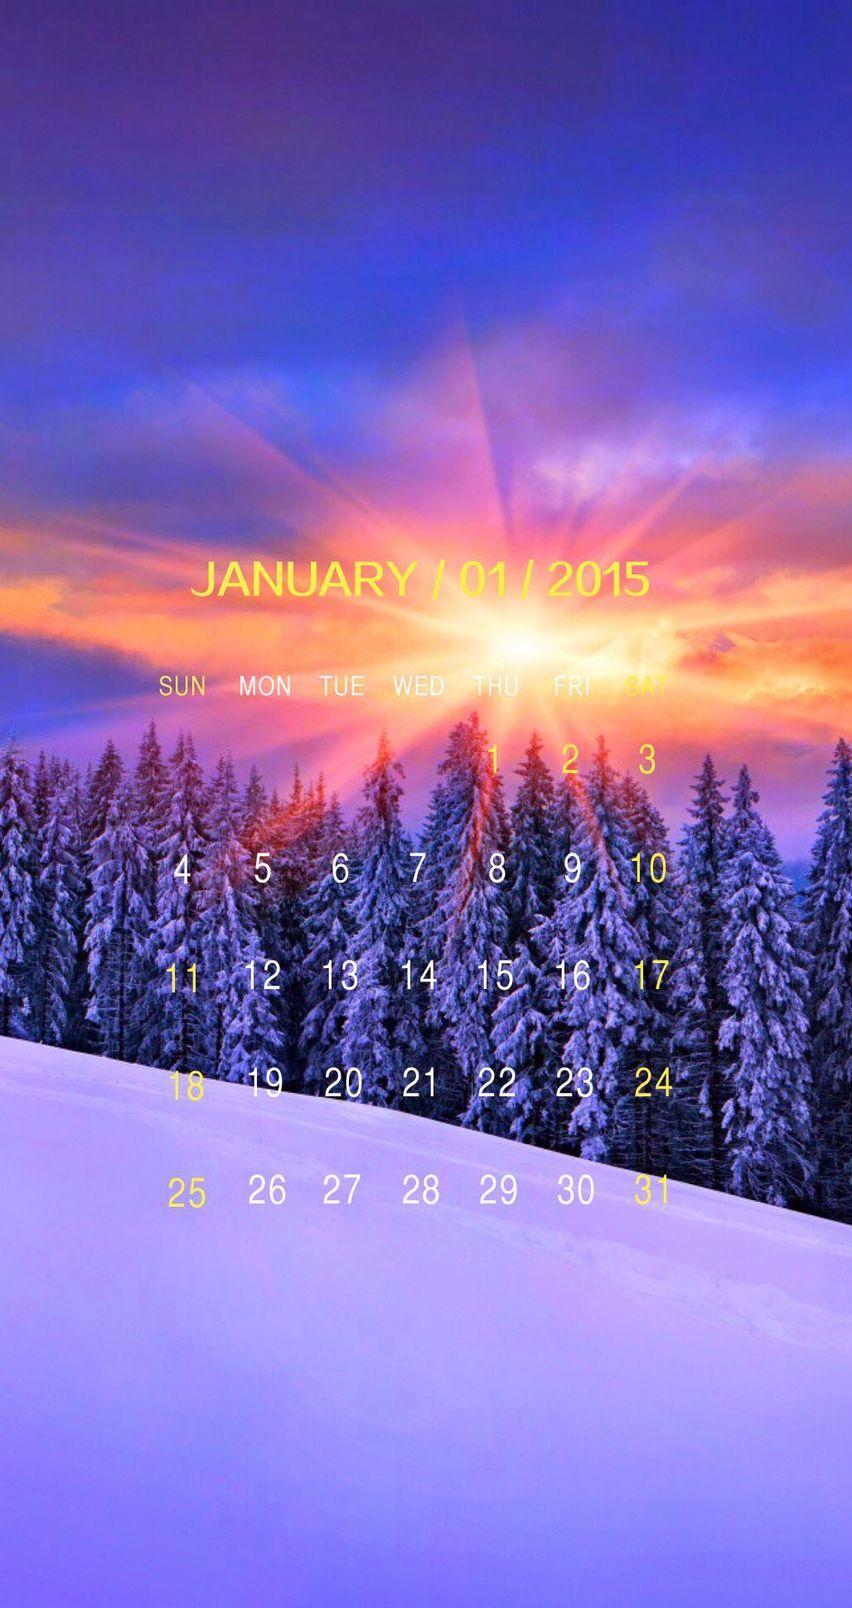 Calendar Wallpaper January : Beautiful iphone calendar wallpapers for january